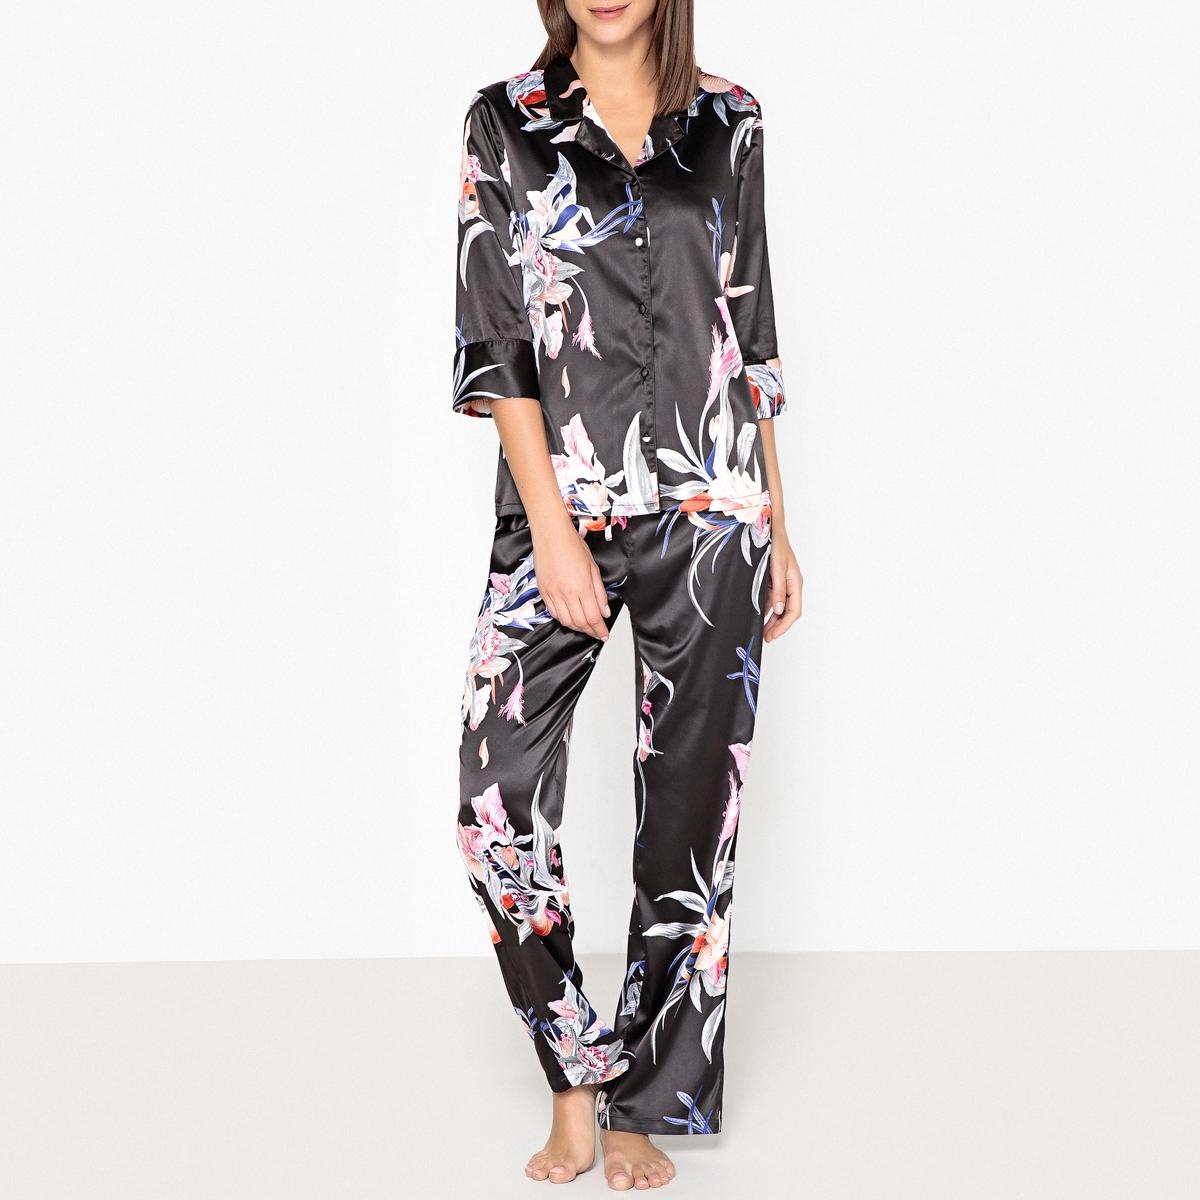 Пижама из сатина с цветочным принтом пижамы пижамы пижамы пижамы женские пижамы женская пижама женская пижама женская b541102112 5